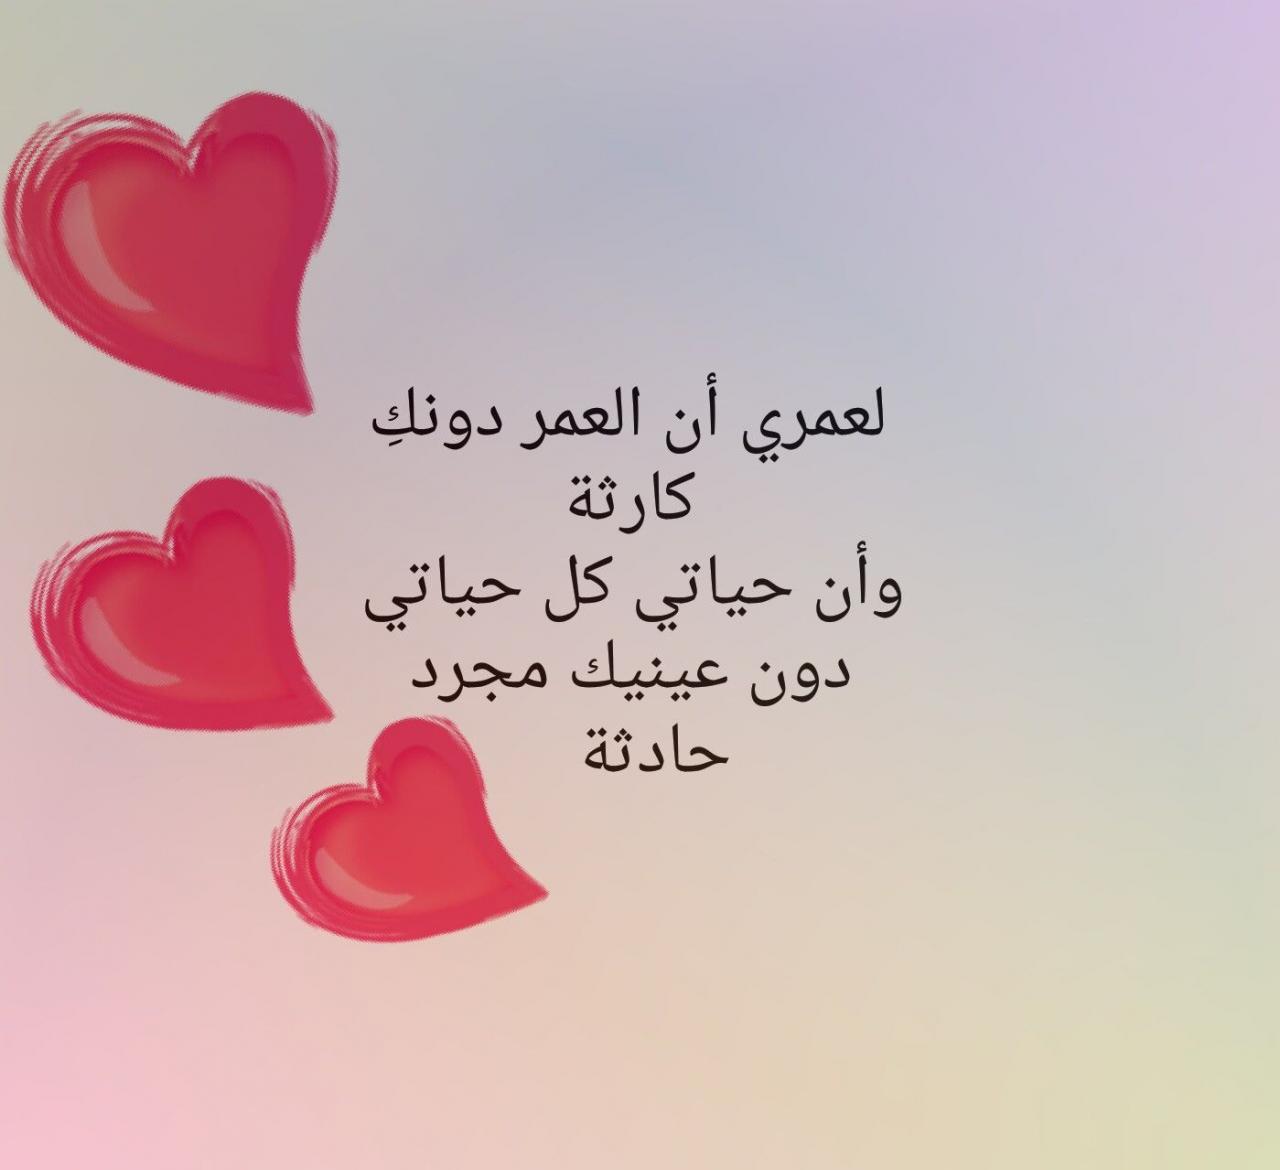 صورة كلمات معبرة عن الحب , كيف تعبر عن حبك بكلمات 89 6